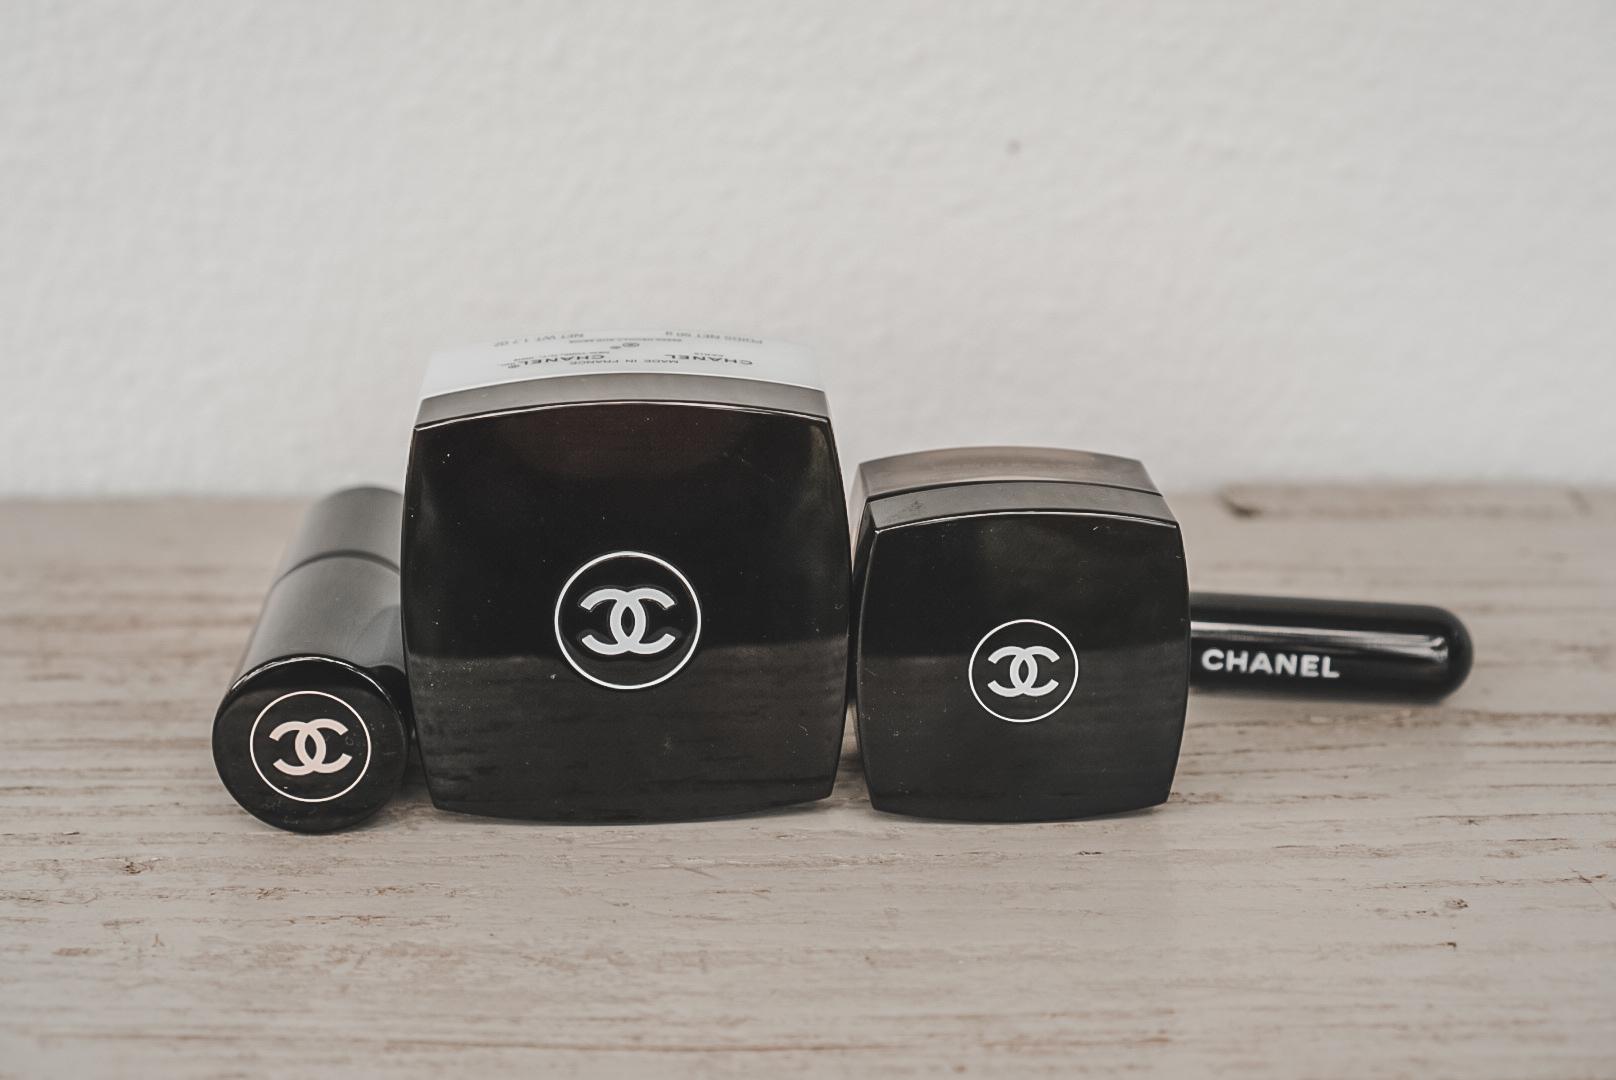 Chanel Beauty Favoriten, Beauty Test, Blog, douglas Chanel